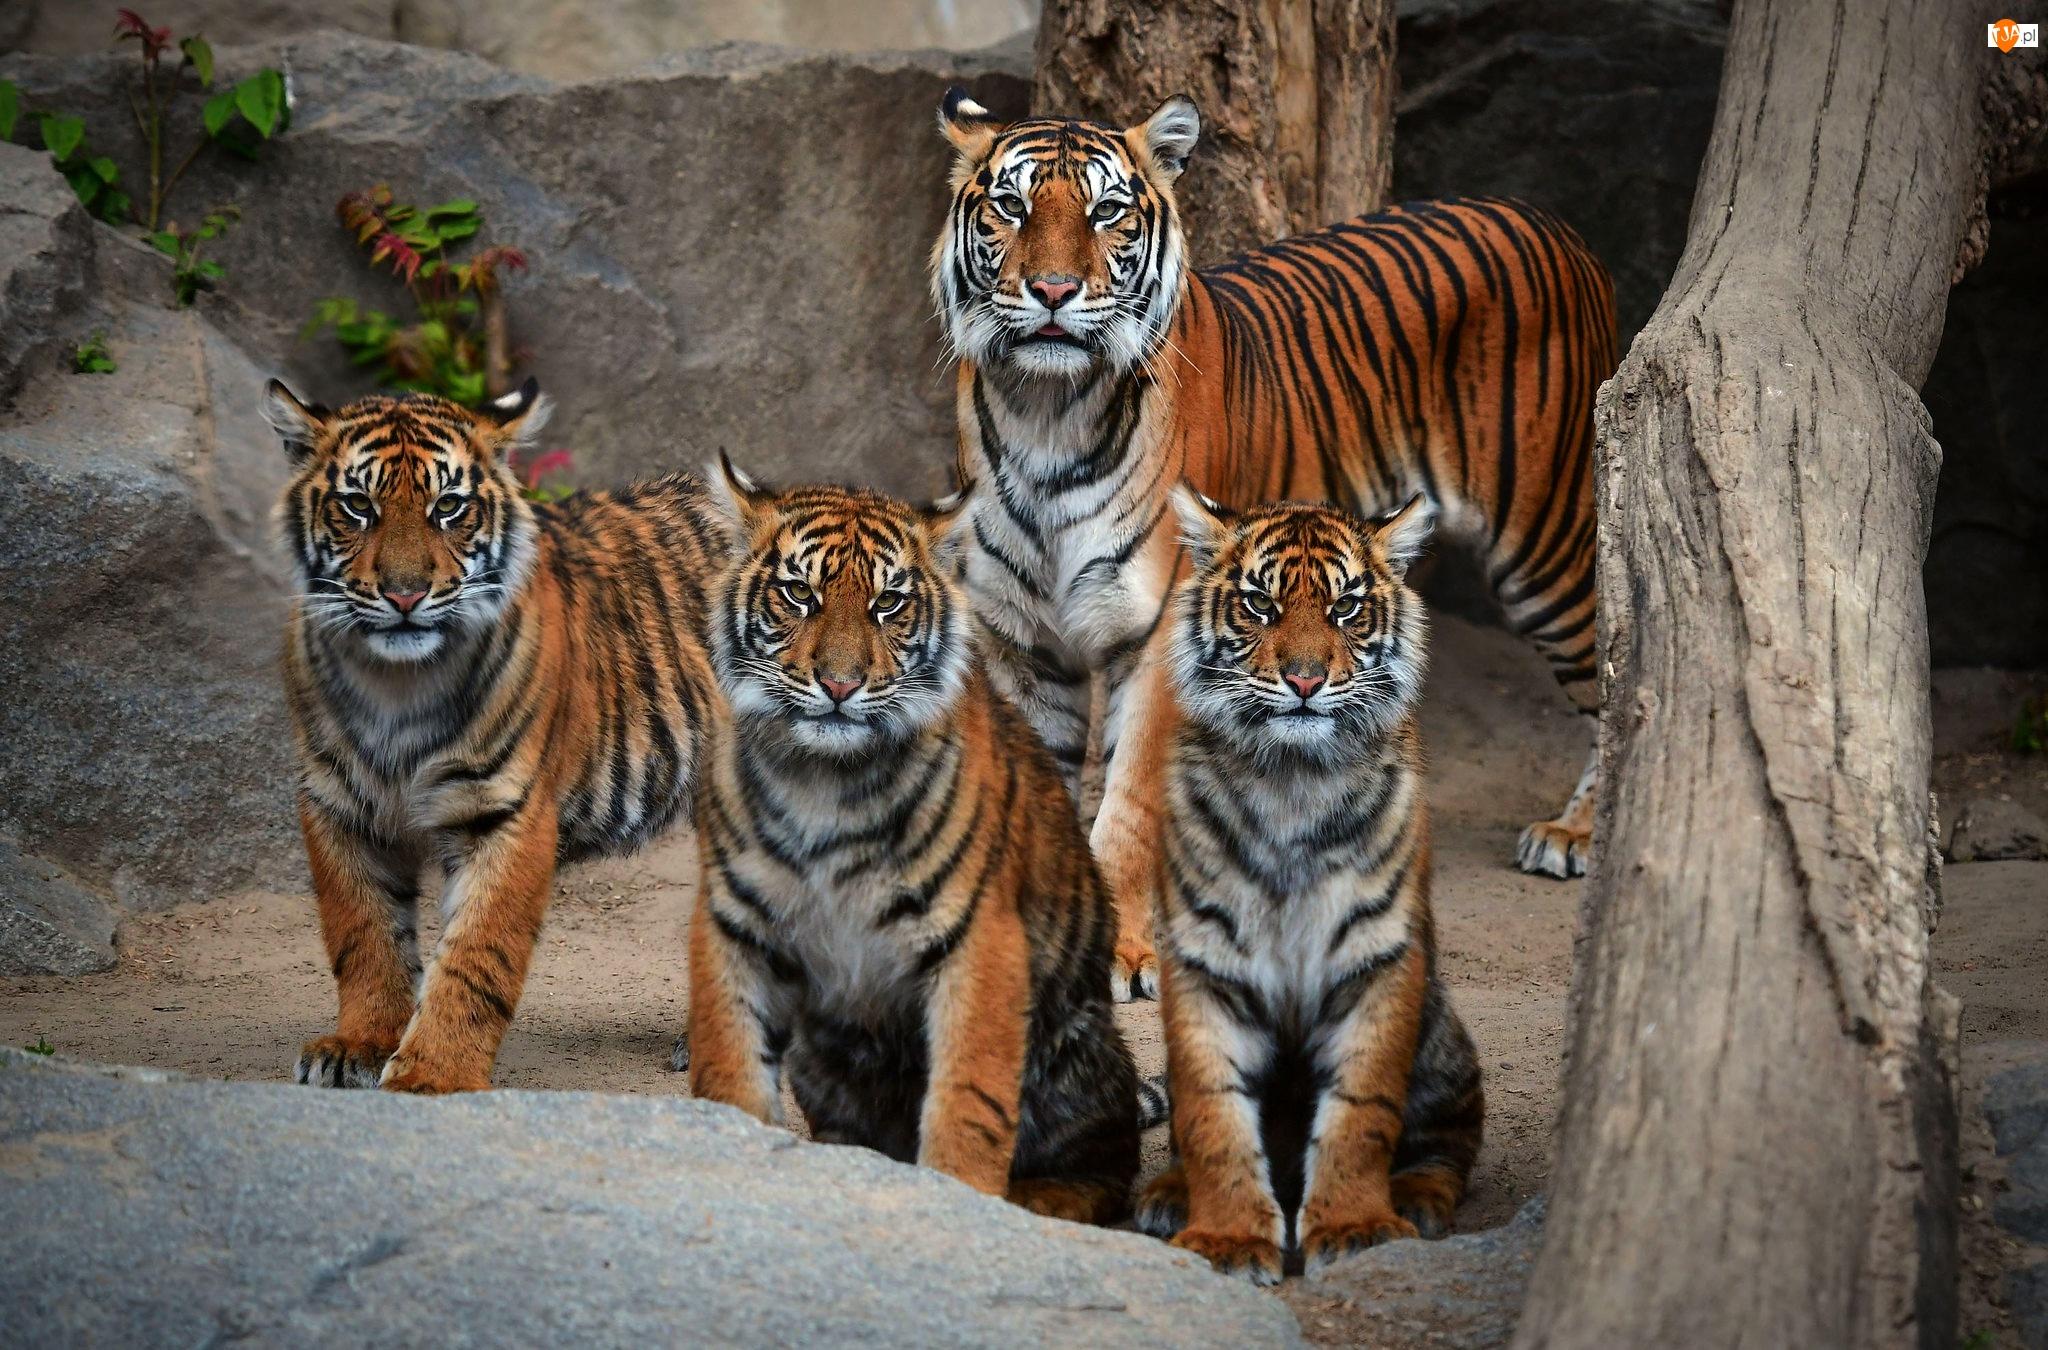 Młode, Skały, Tygrysica, Tygrysy, Konar